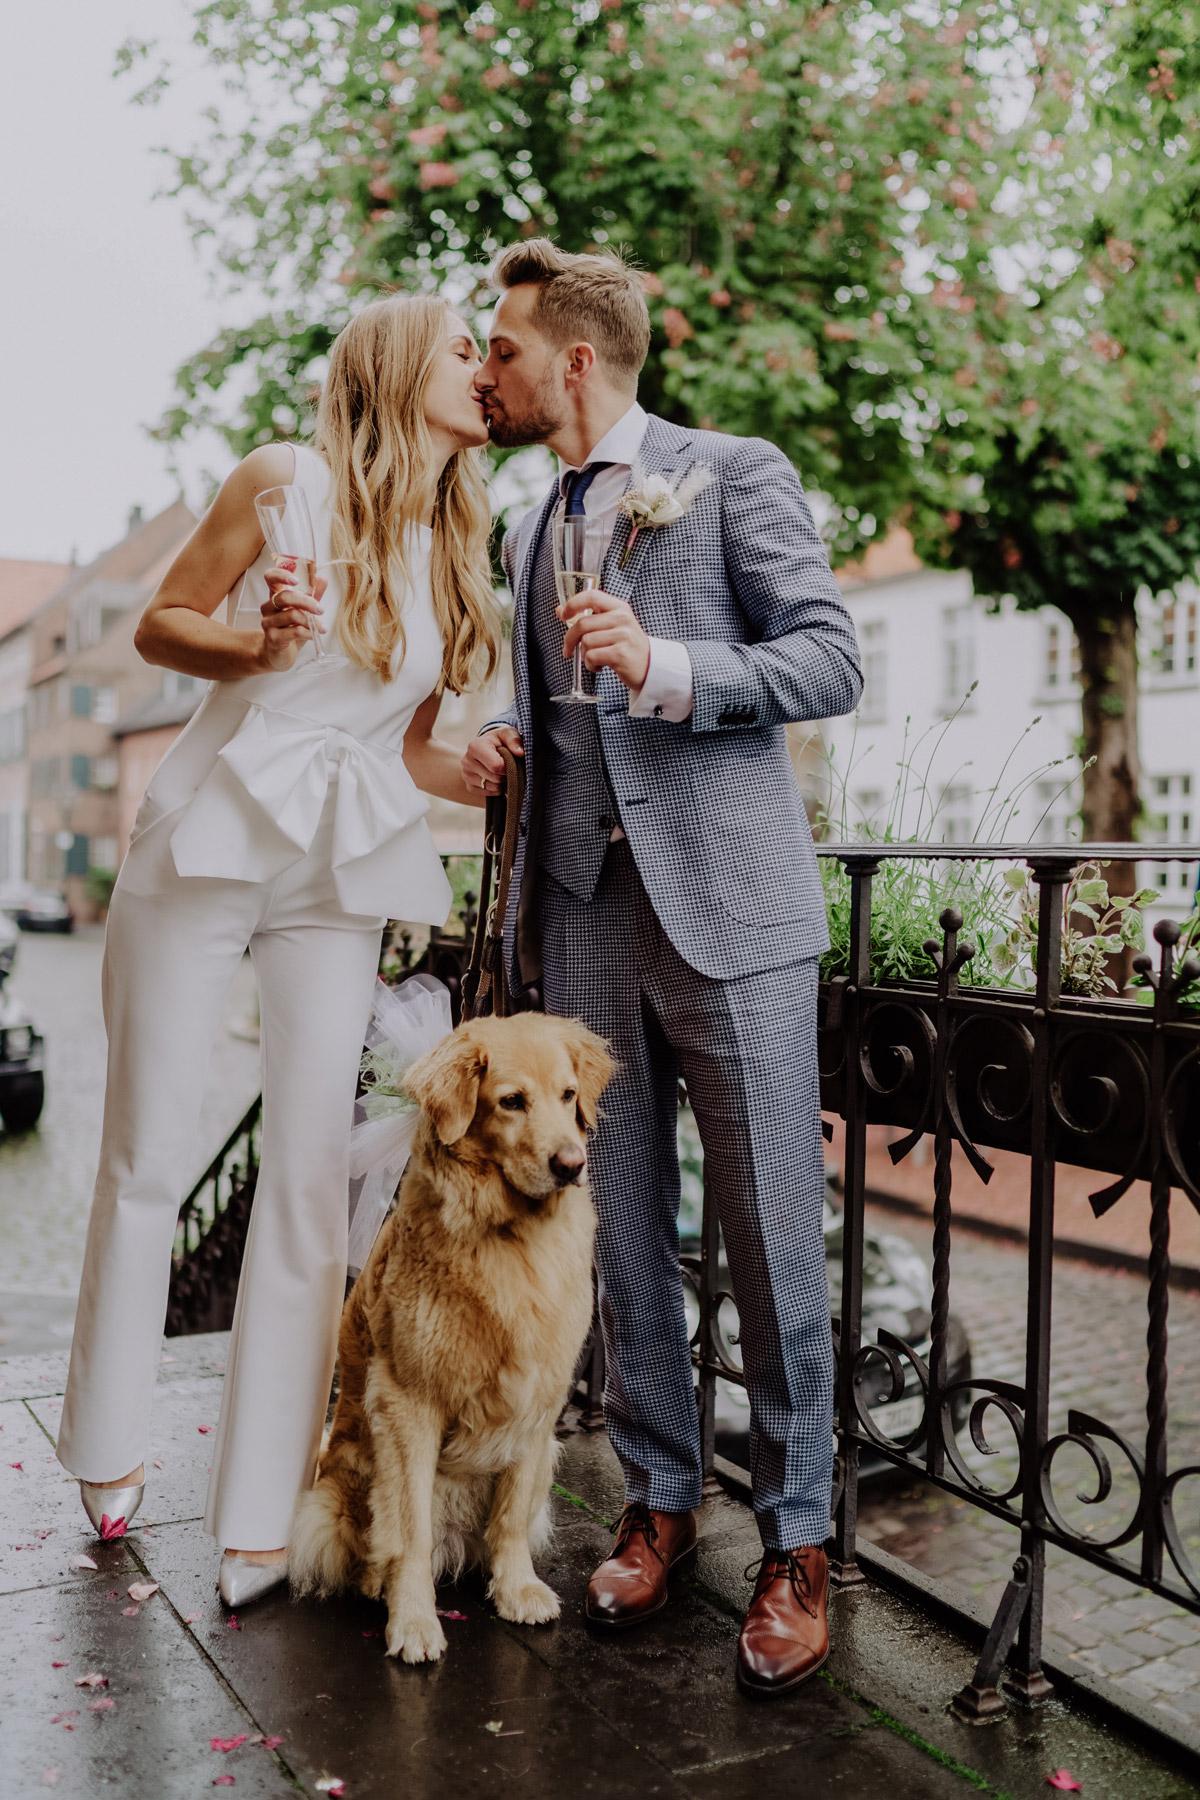 Brautpaarshooting Idee mit Hund Hochzeitsfotos; Standesamt Outfit Jumpsuit standesamtliche Hochzeit mit Regen von Hochzeitsfotografin Berlin © www.hochzeitslicht.de #hochzeitslicht